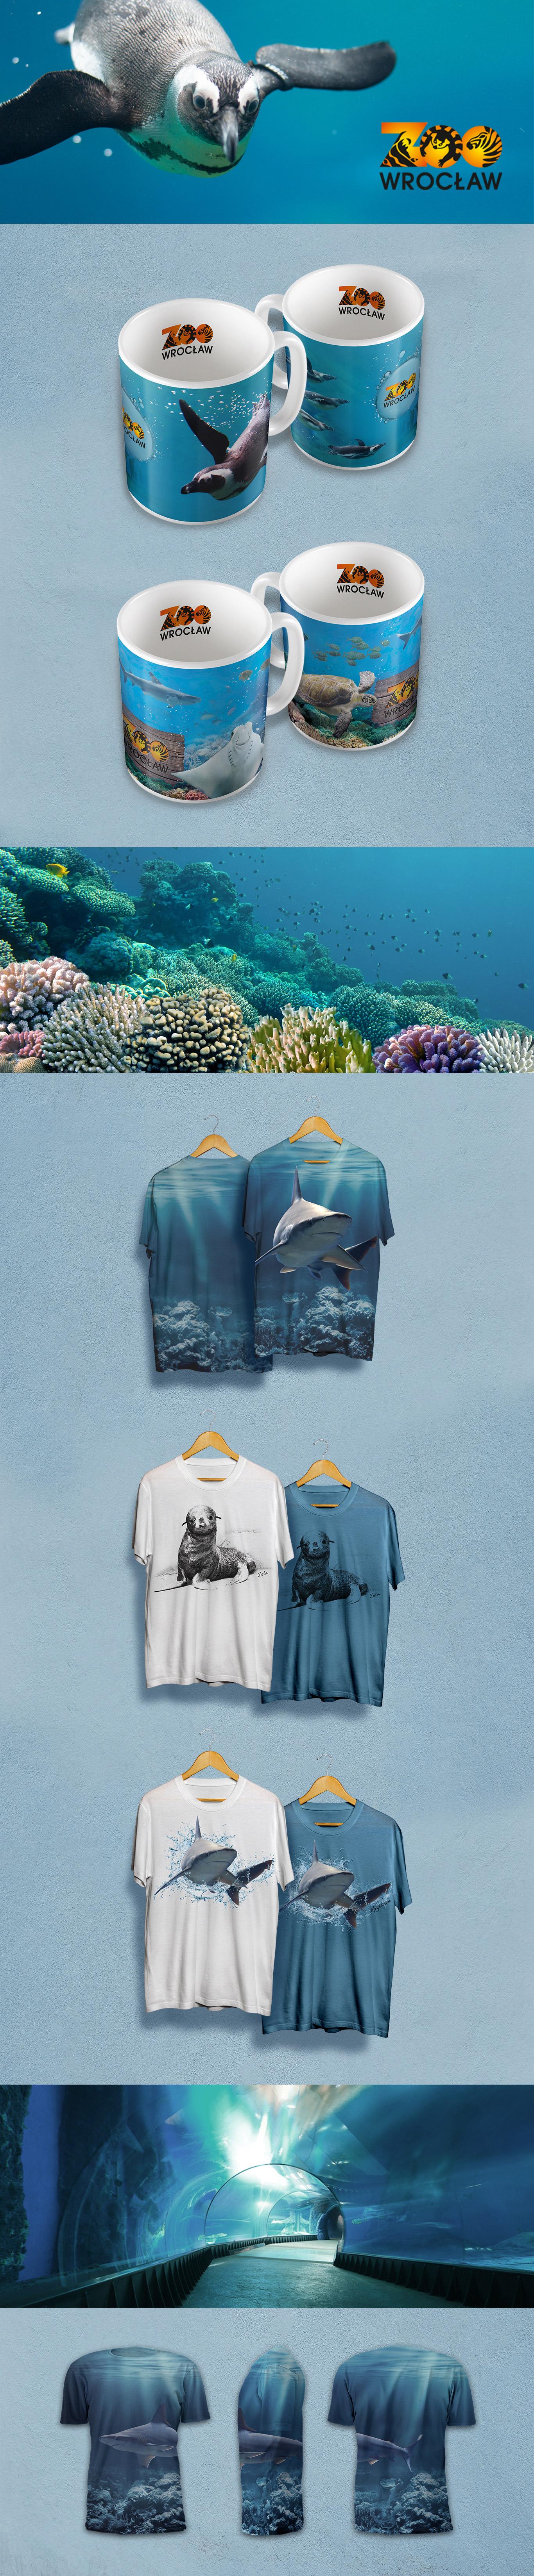 Projekt graficzny kubków, koszulek i monidła dla wrocławskiego ZOO, przedstawiający morskie zwierzęta i ich środowisko